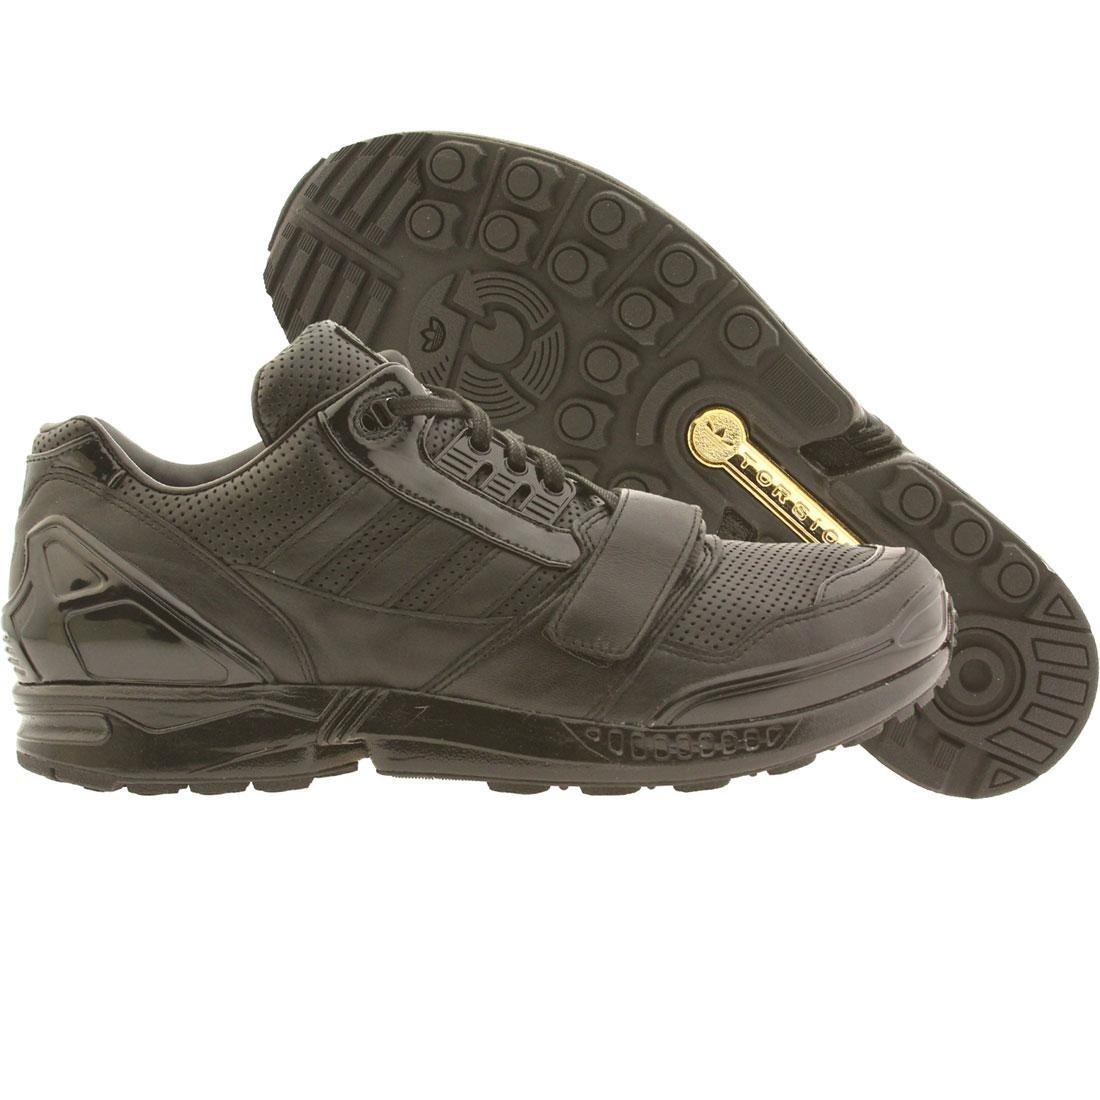 【海外限定】アディダス JUNN.J スニーカー メンズ靴 【 ADIDAS X MEN ZX 8000 LOW JJ BLACK GOLD METALLIC 】